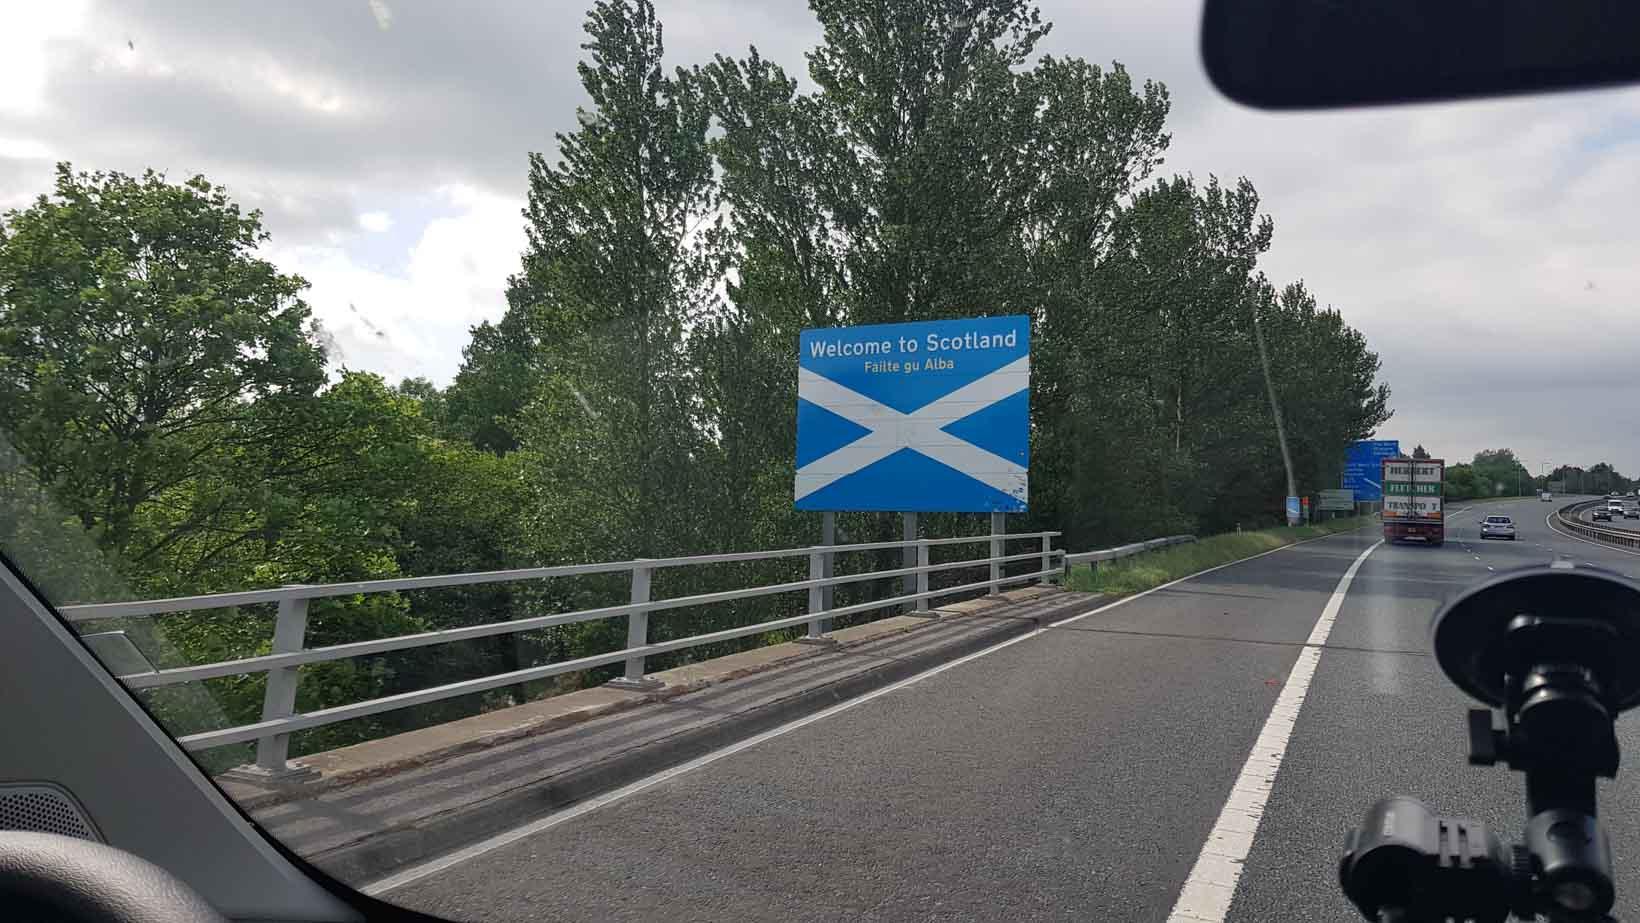 Schottland_Wohnmobil_Camper_Hund_Erfahrungen